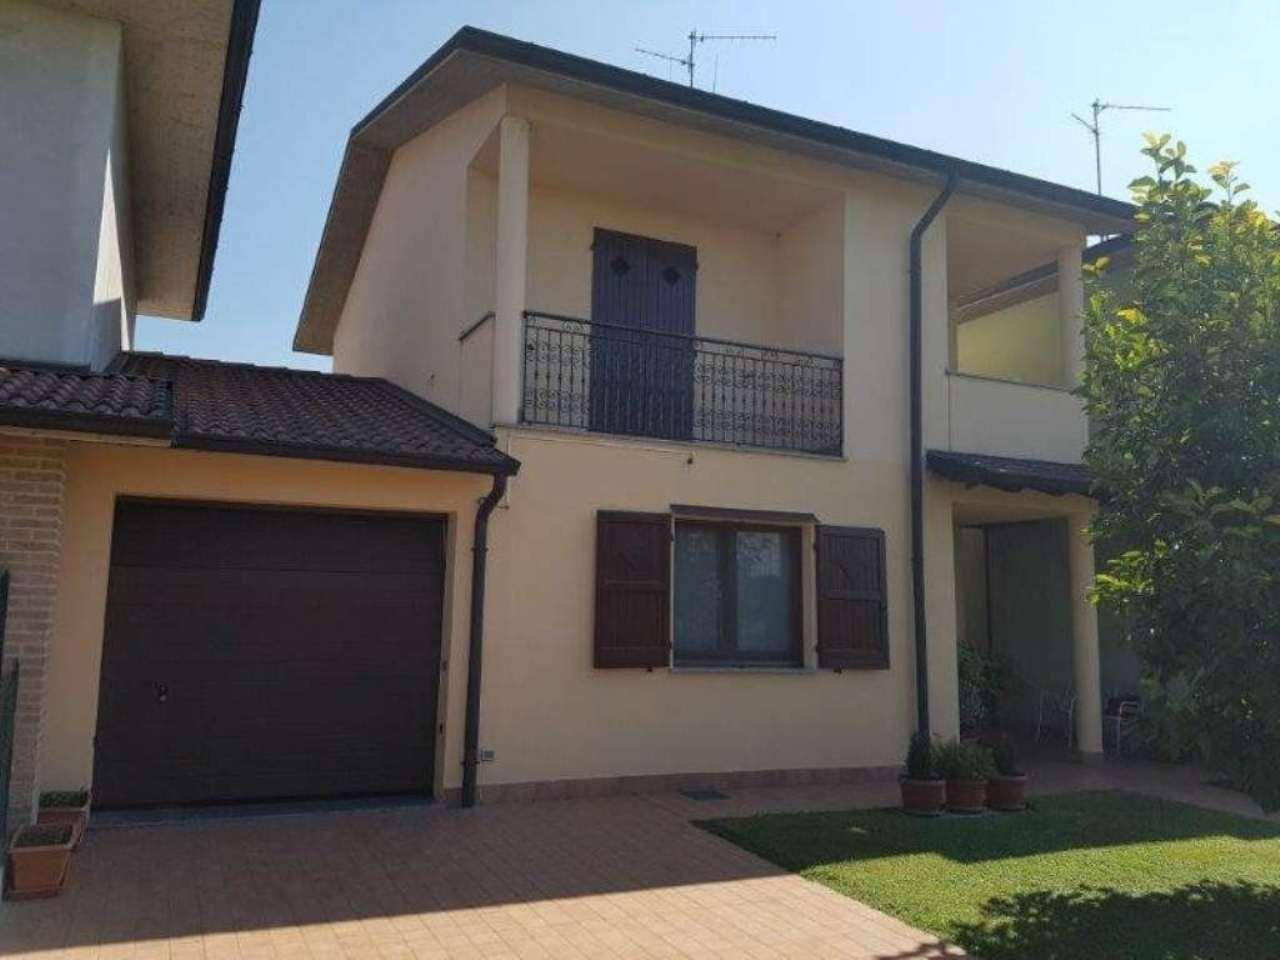 Villa in vendita a Cremosano, 4 locali, prezzo € 215.000 | Cambio Casa.it